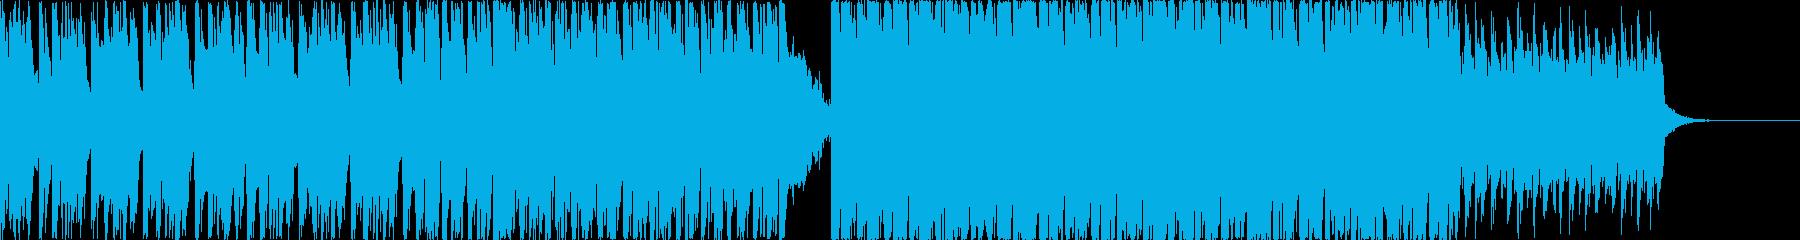 16分シンセメロの軽快なエレクトロニカ曲の再生済みの波形